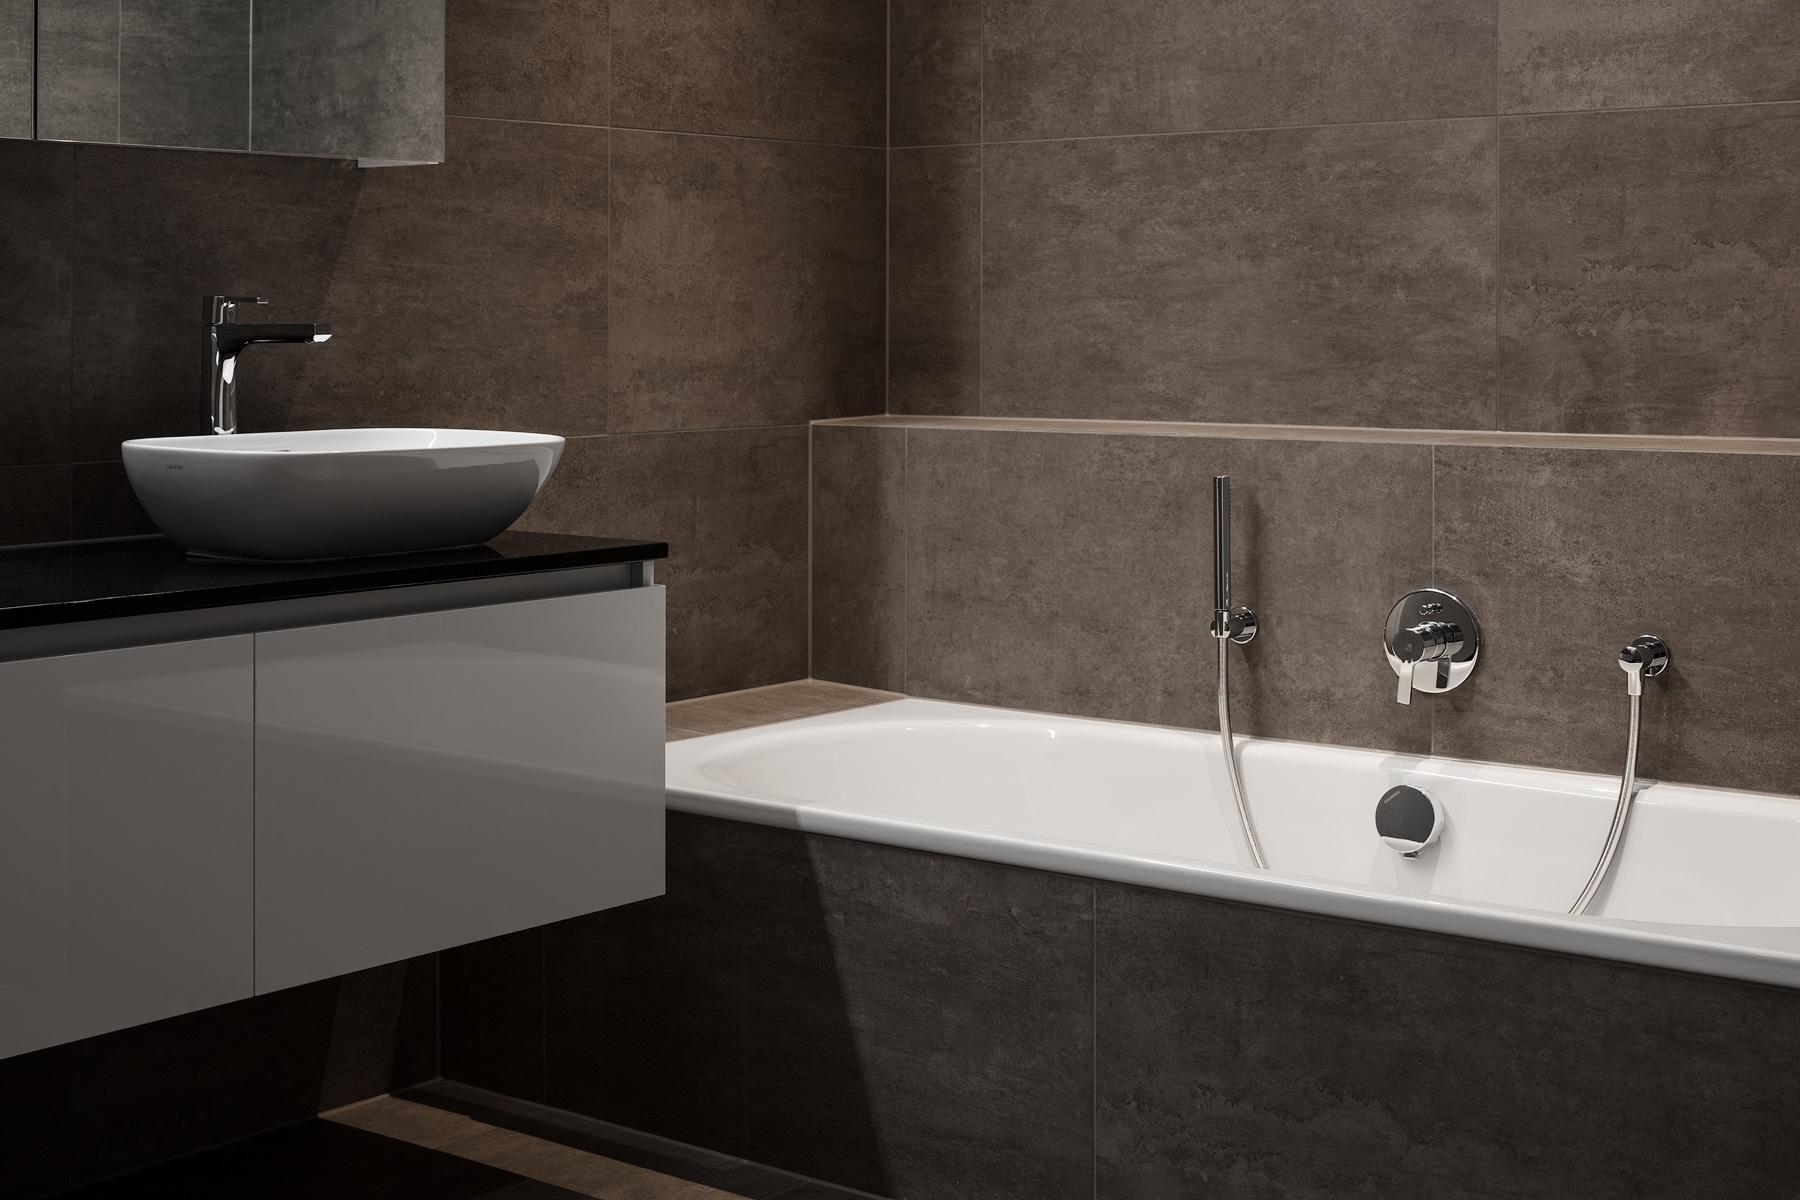 Braunes Bad mit Badewanne und weissem Badmöbel / Lavabo